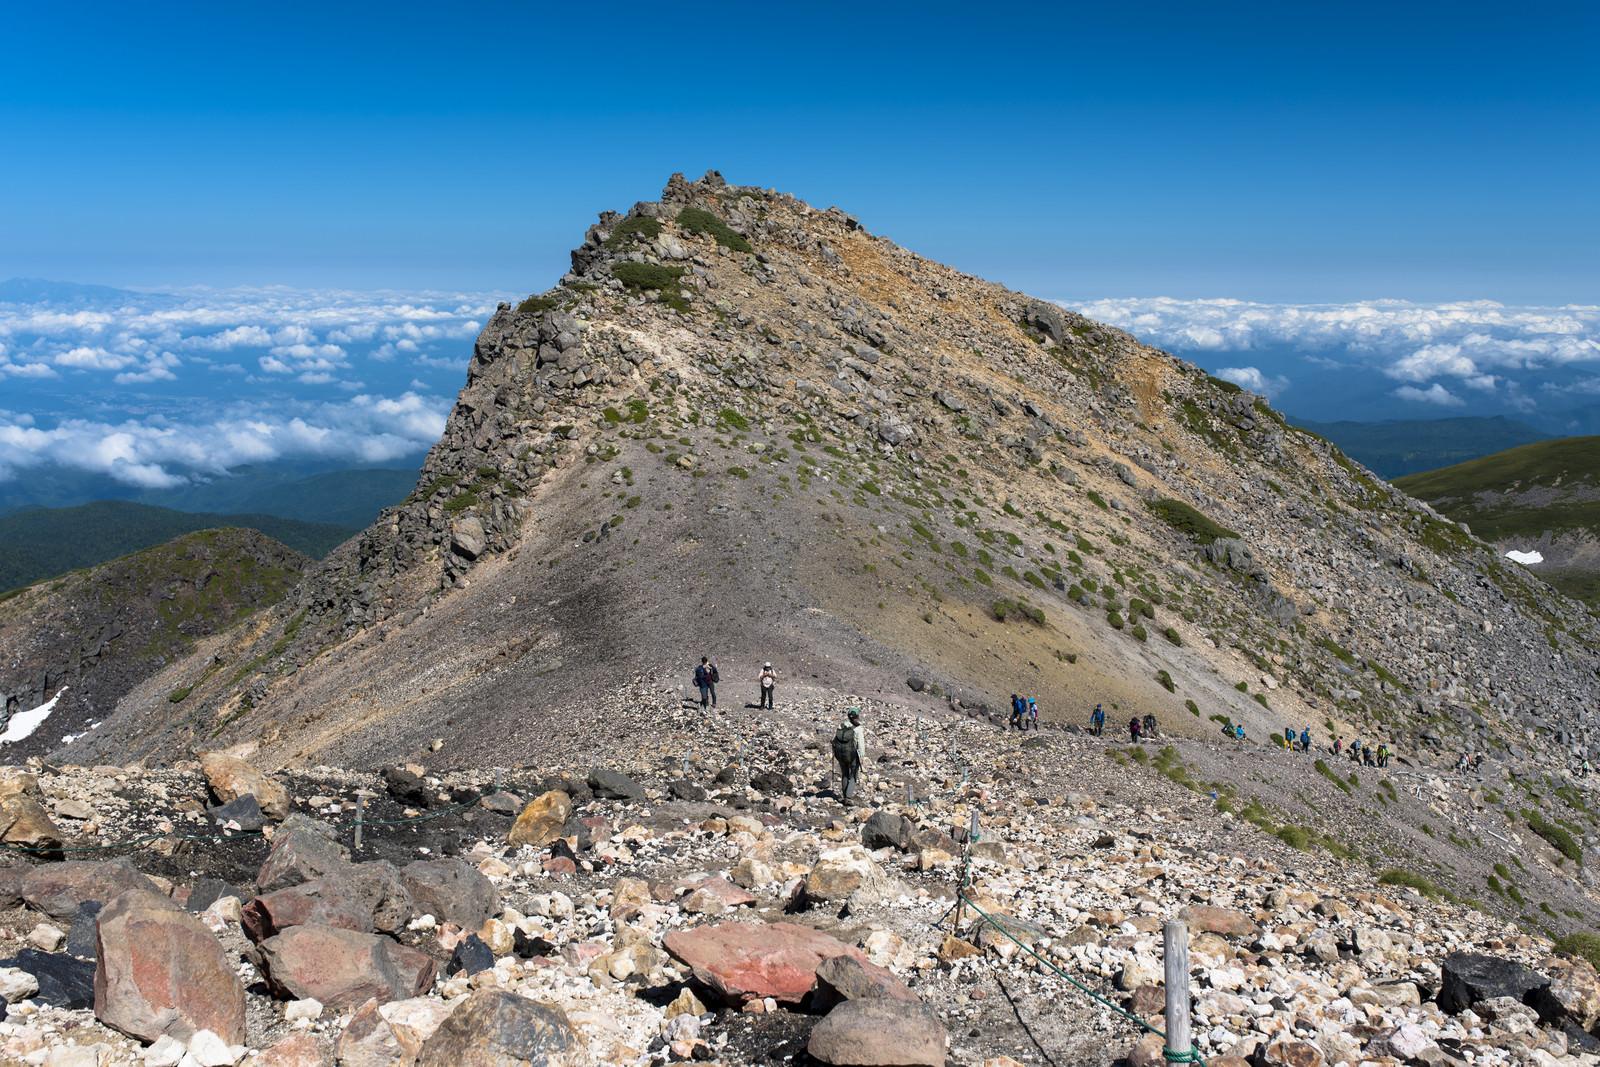 「乗鞍岳山頂へと向かう登山者たち」の写真